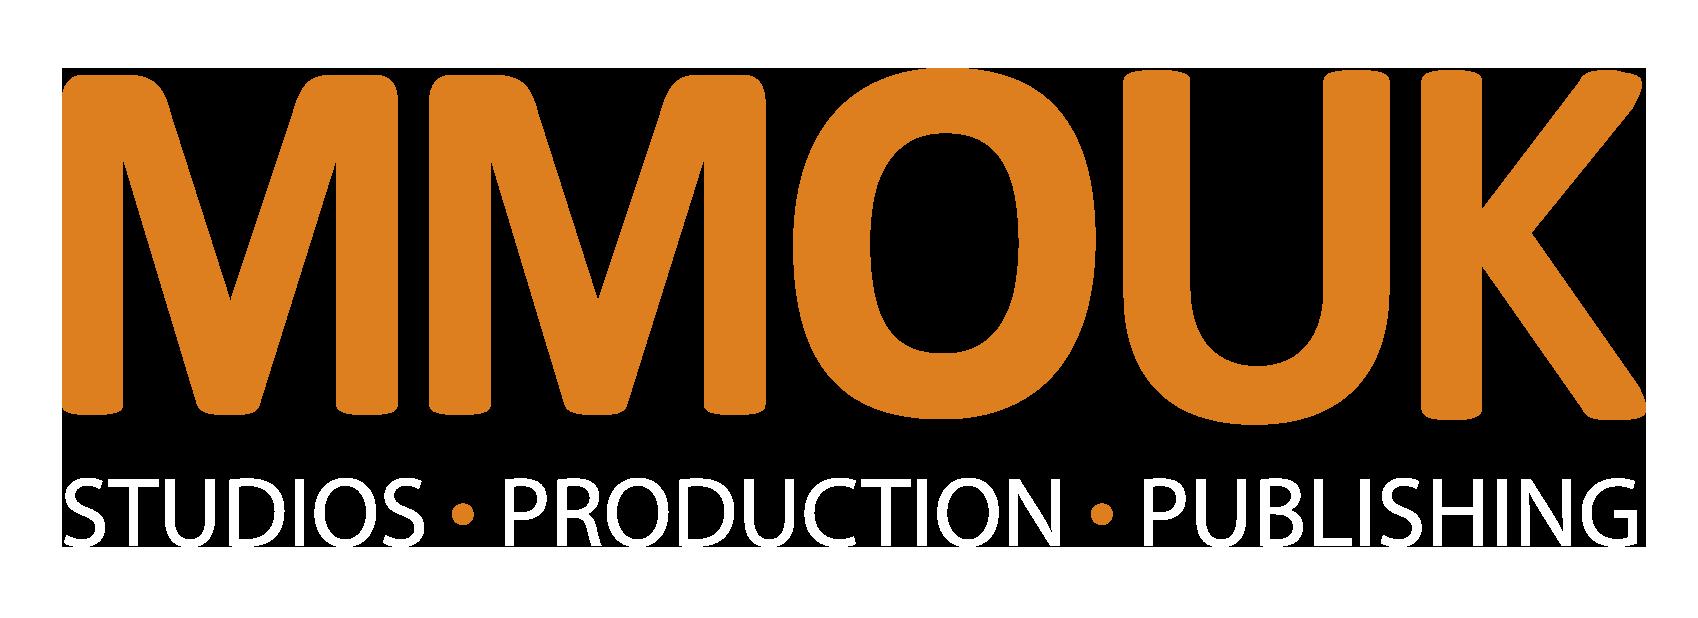 MMO UK